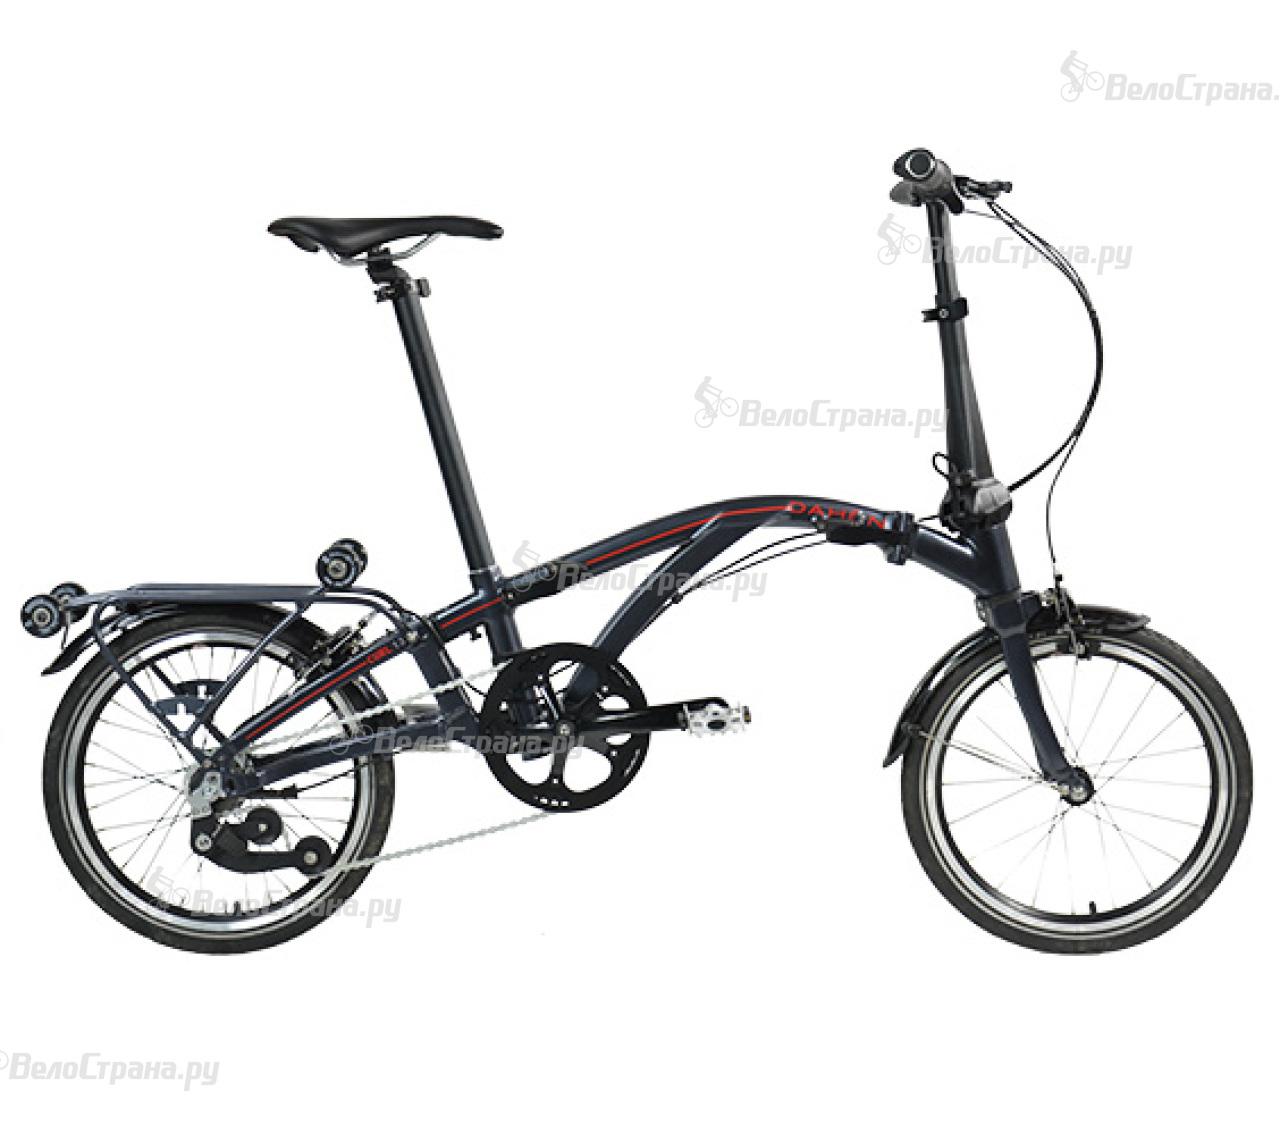 Интернетмагазин ВелоСтореру  купить велосипед в